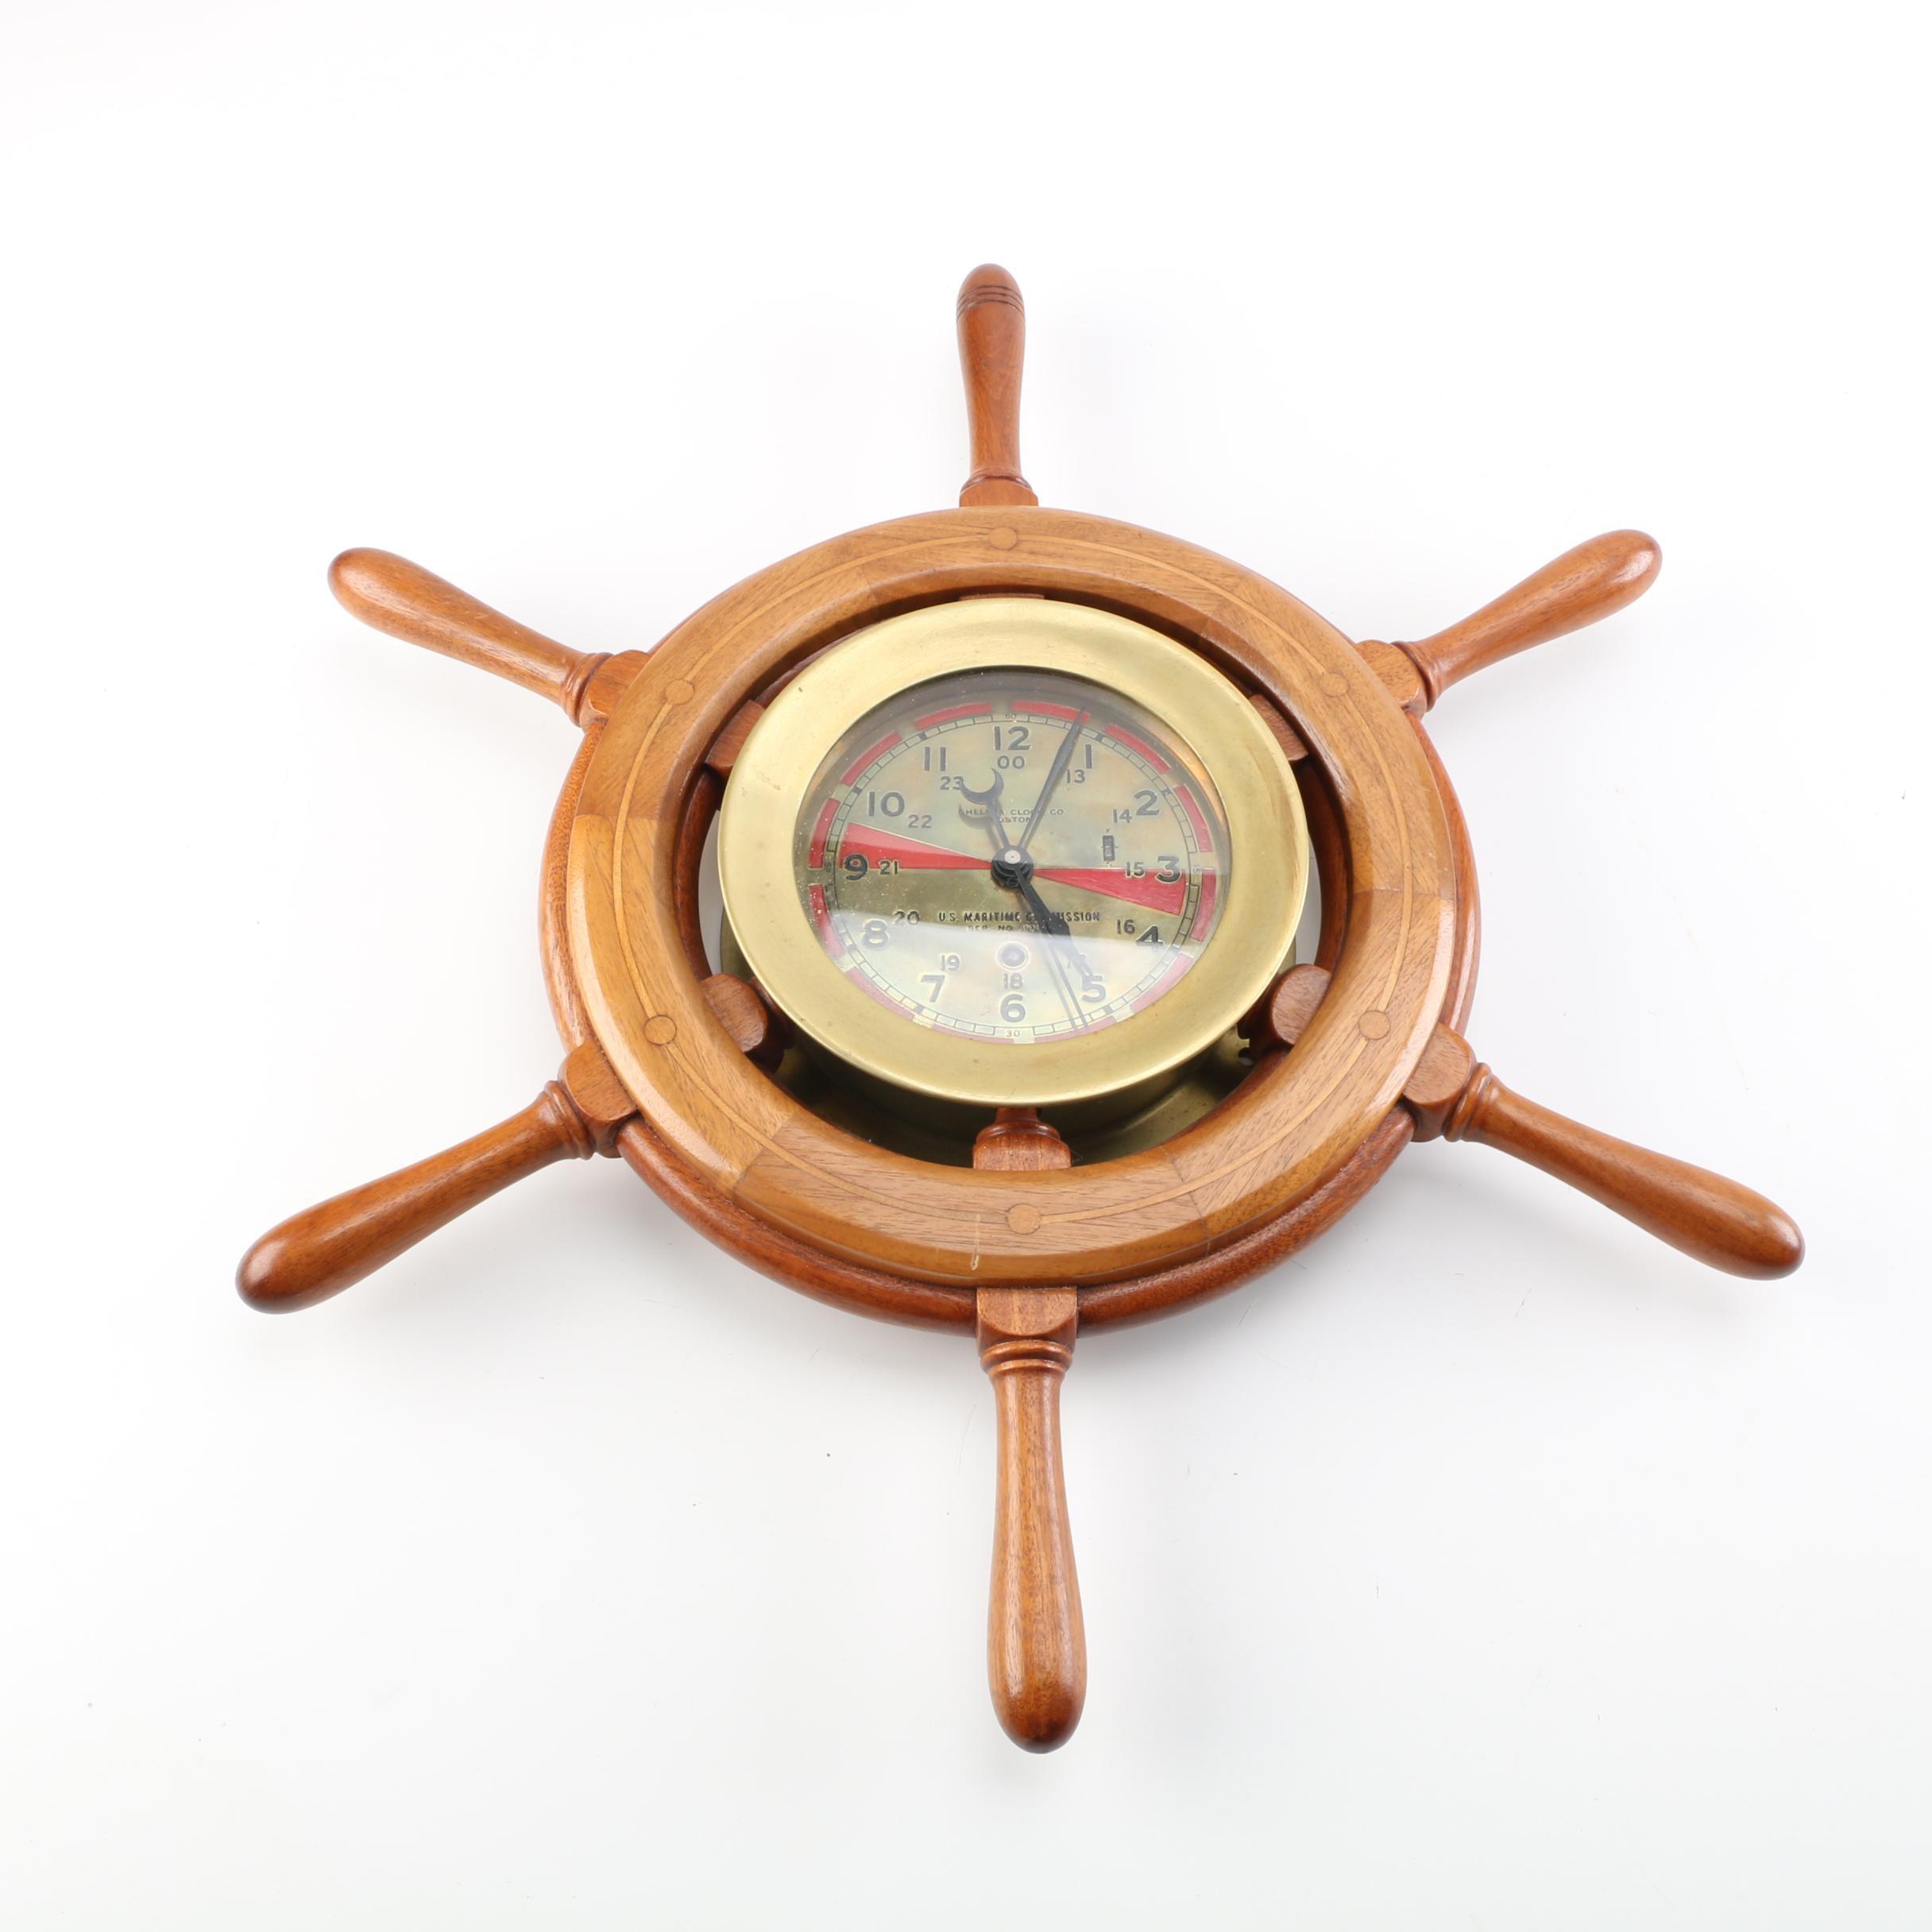 Chelsea Clock Co. Maritime Wall Clock